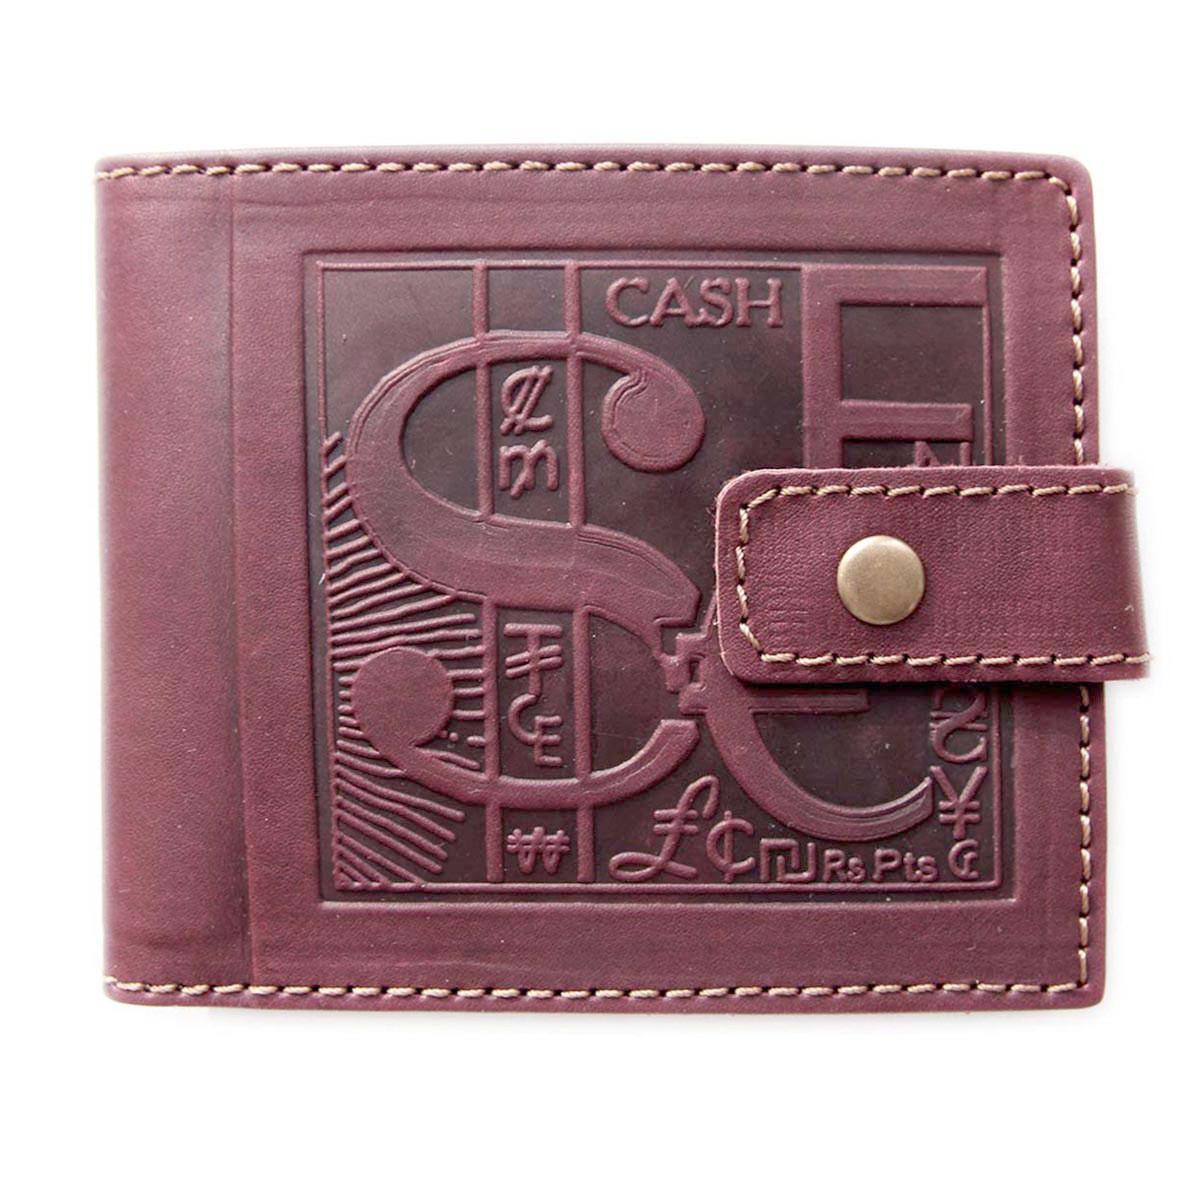 """Кошелек кожаный с карманом для монет """"Cash"""" (Guk). Цвет коричневый"""